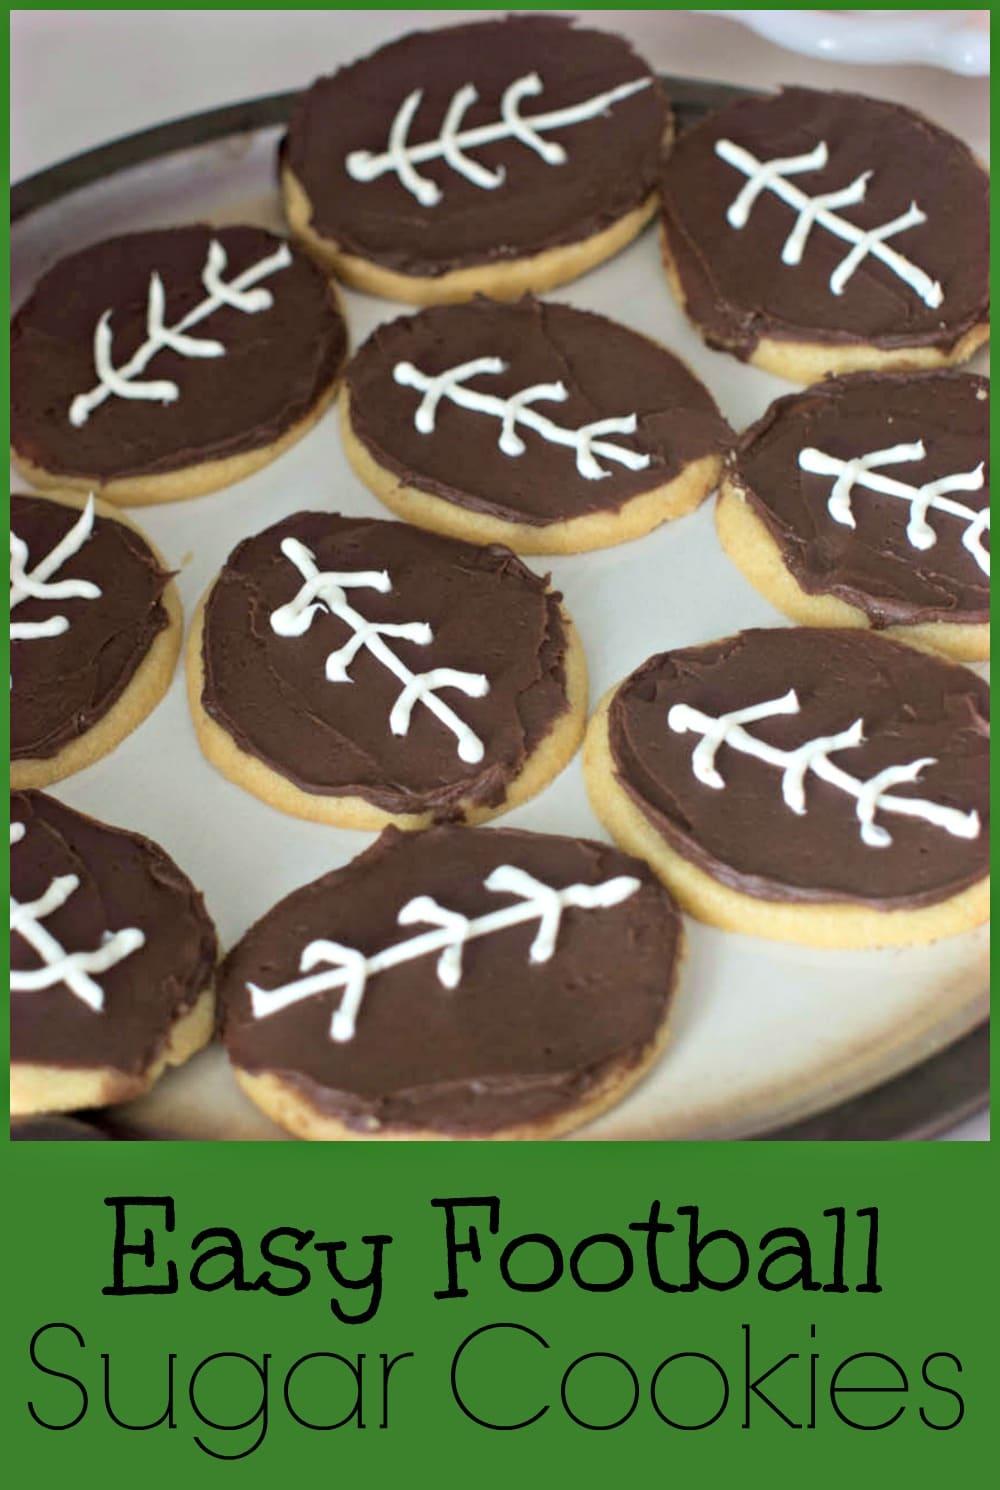 Easy Football Sugar Cookies